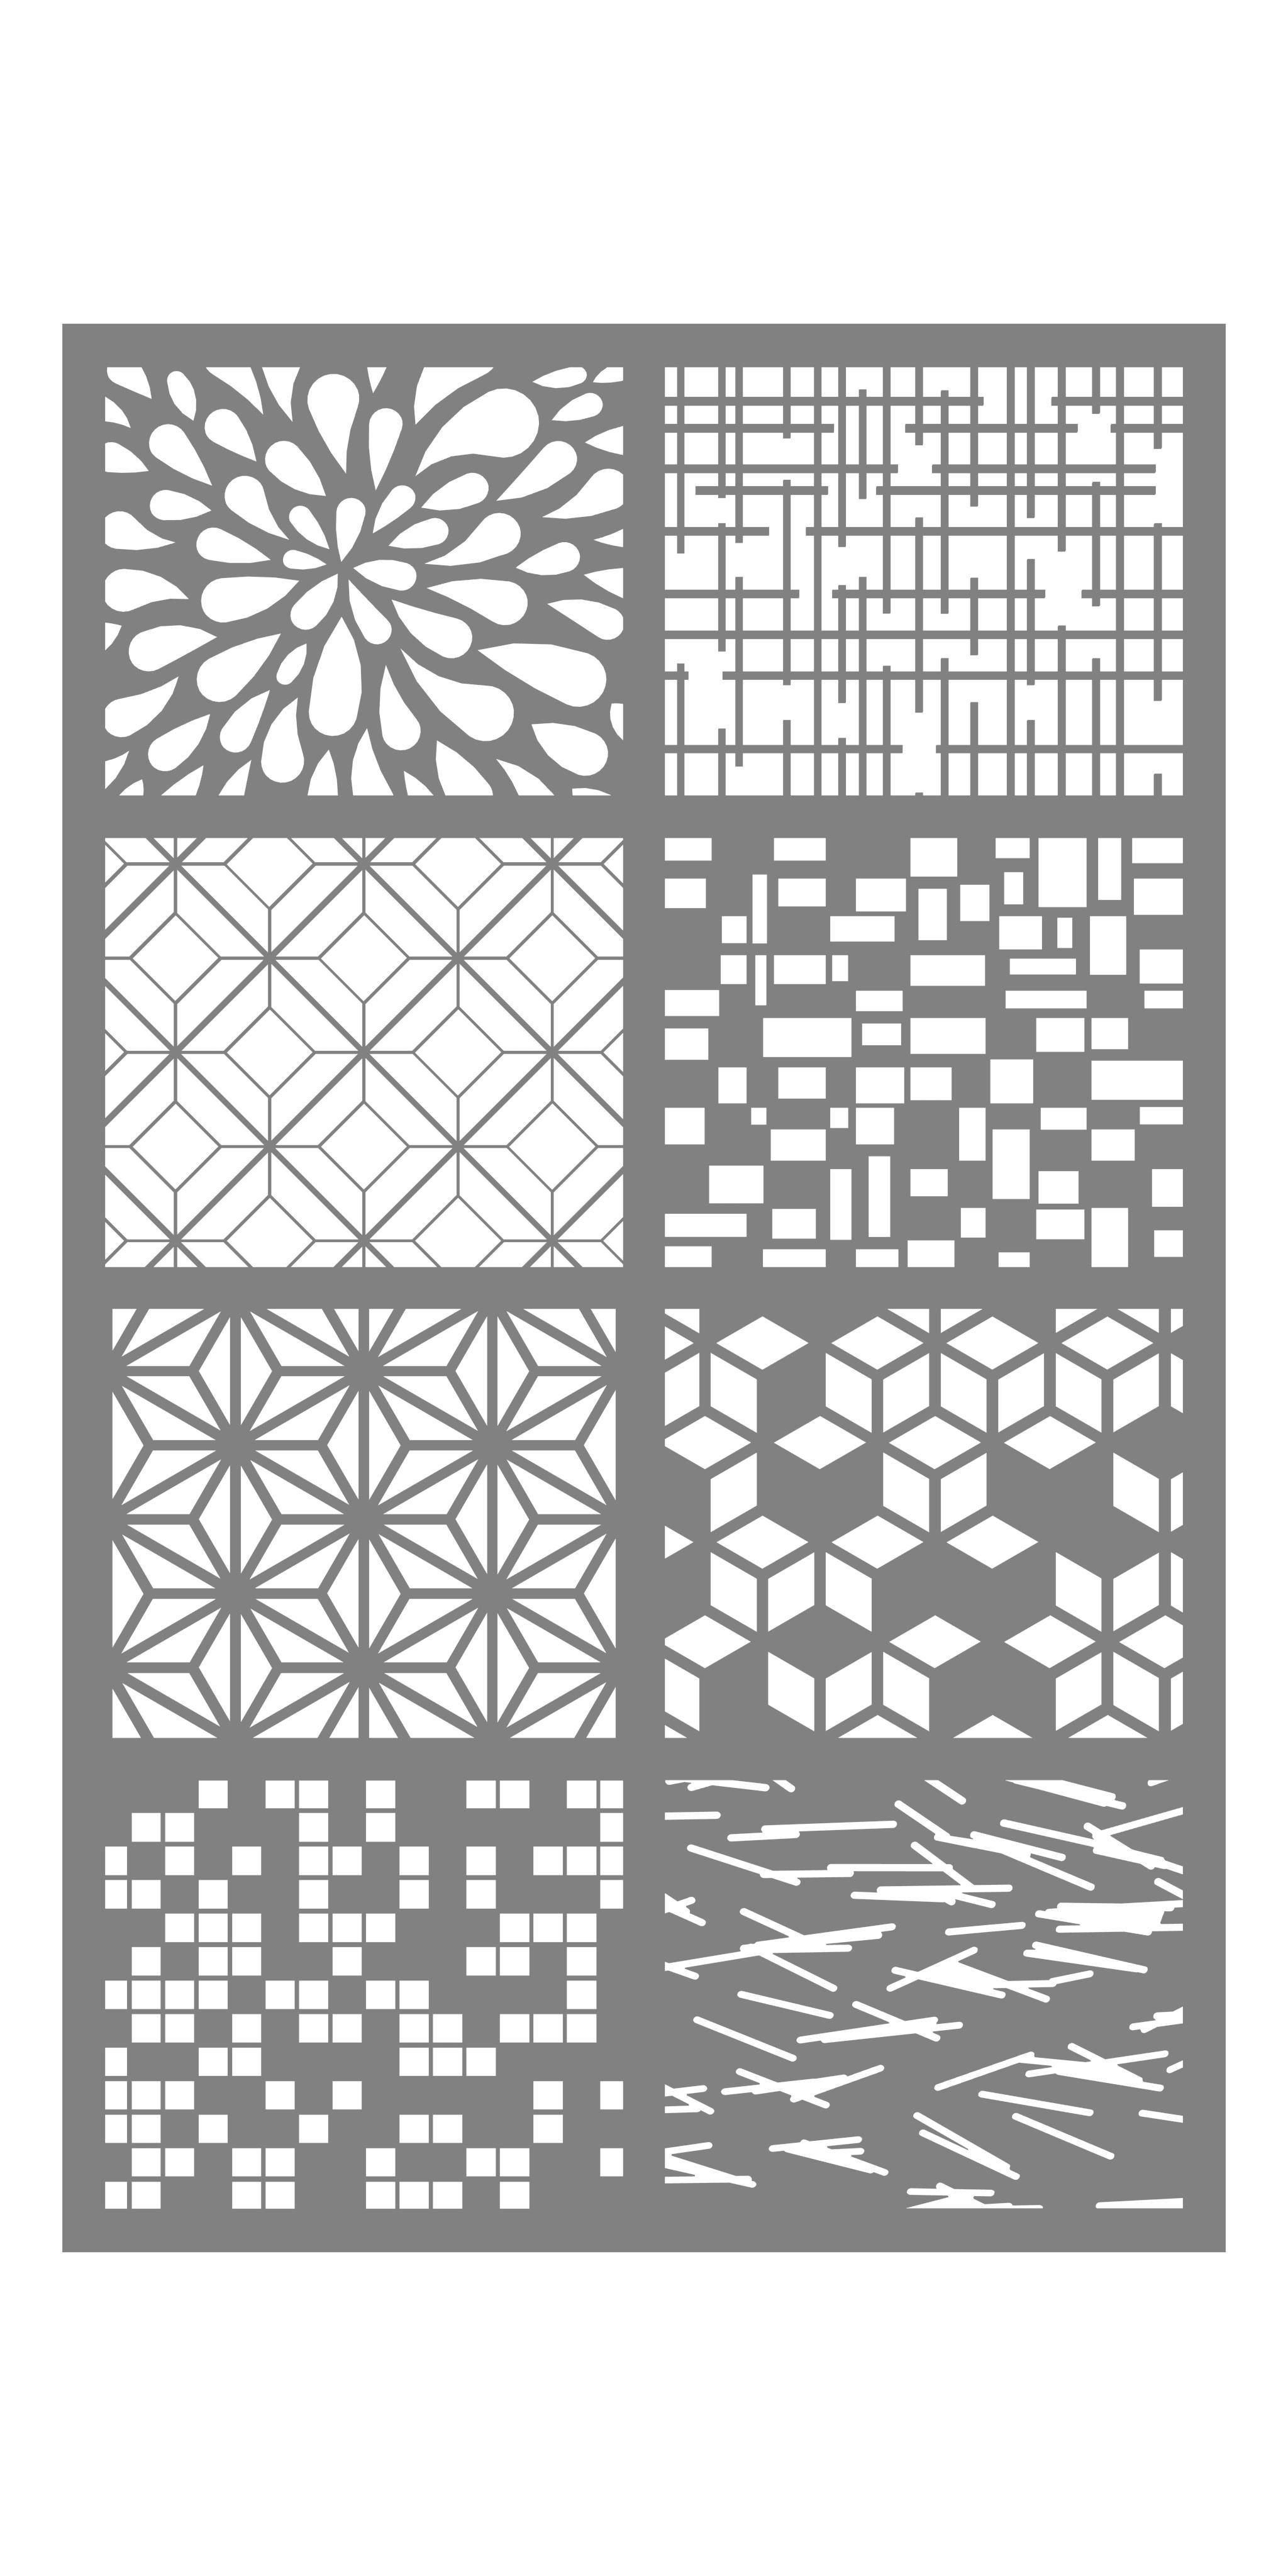 Designs Medallions Mosaic Metal Screens Enso